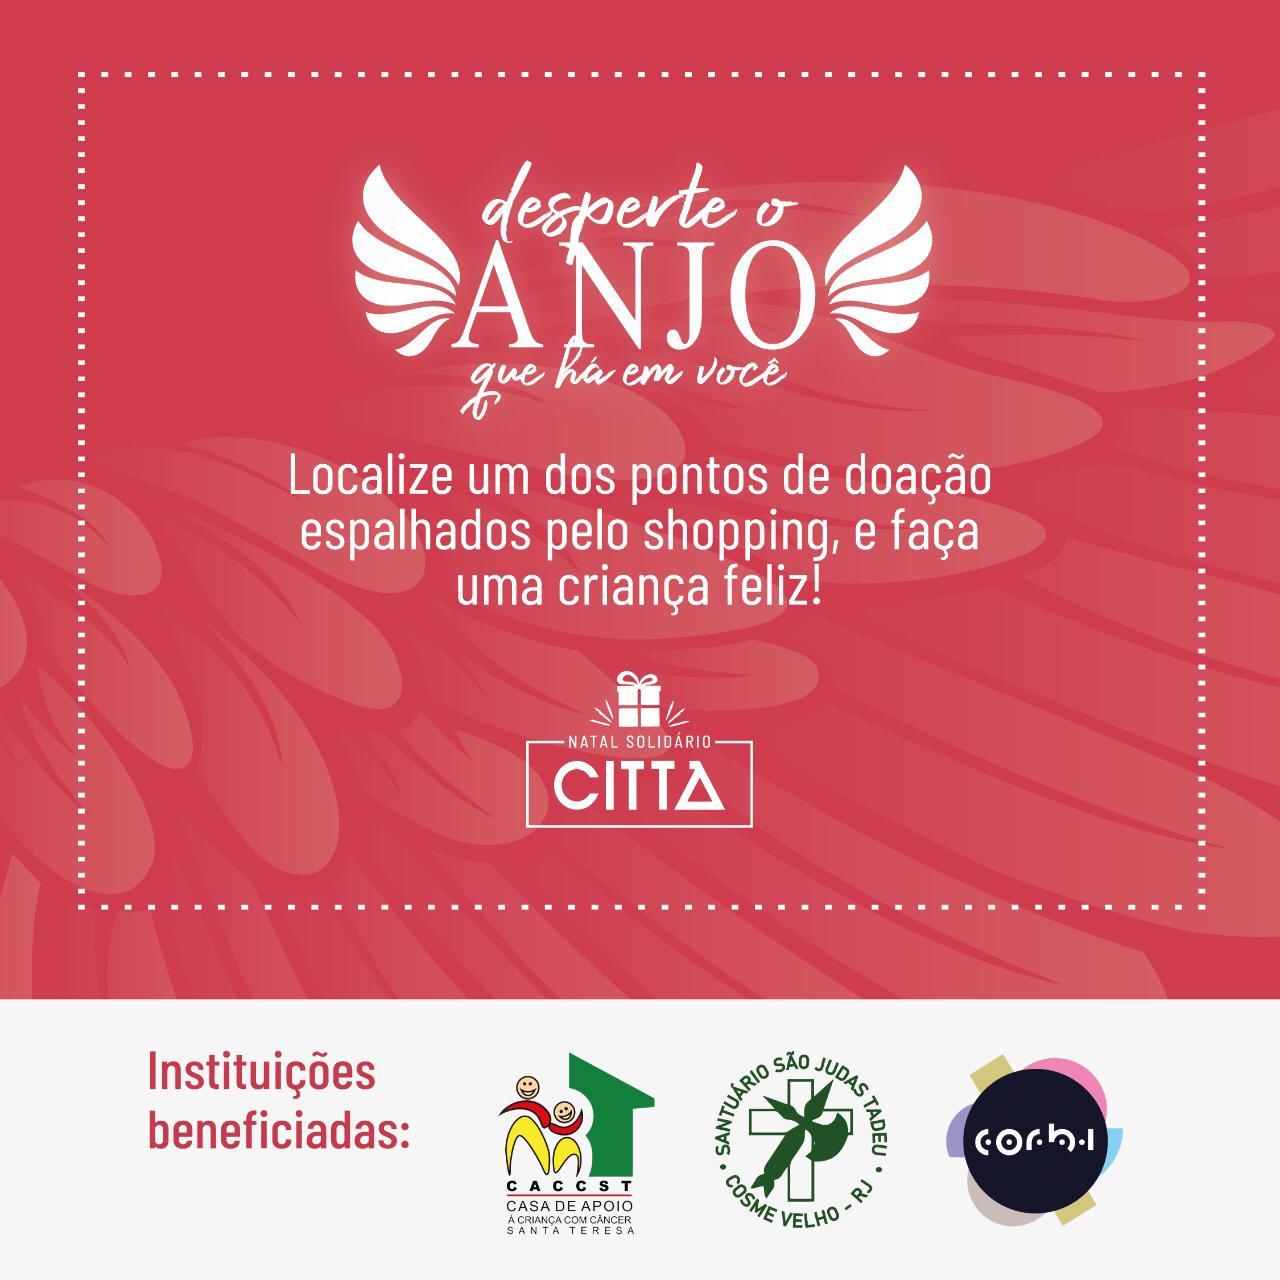 Decoração do Città Office Mall se transforma em Doação!